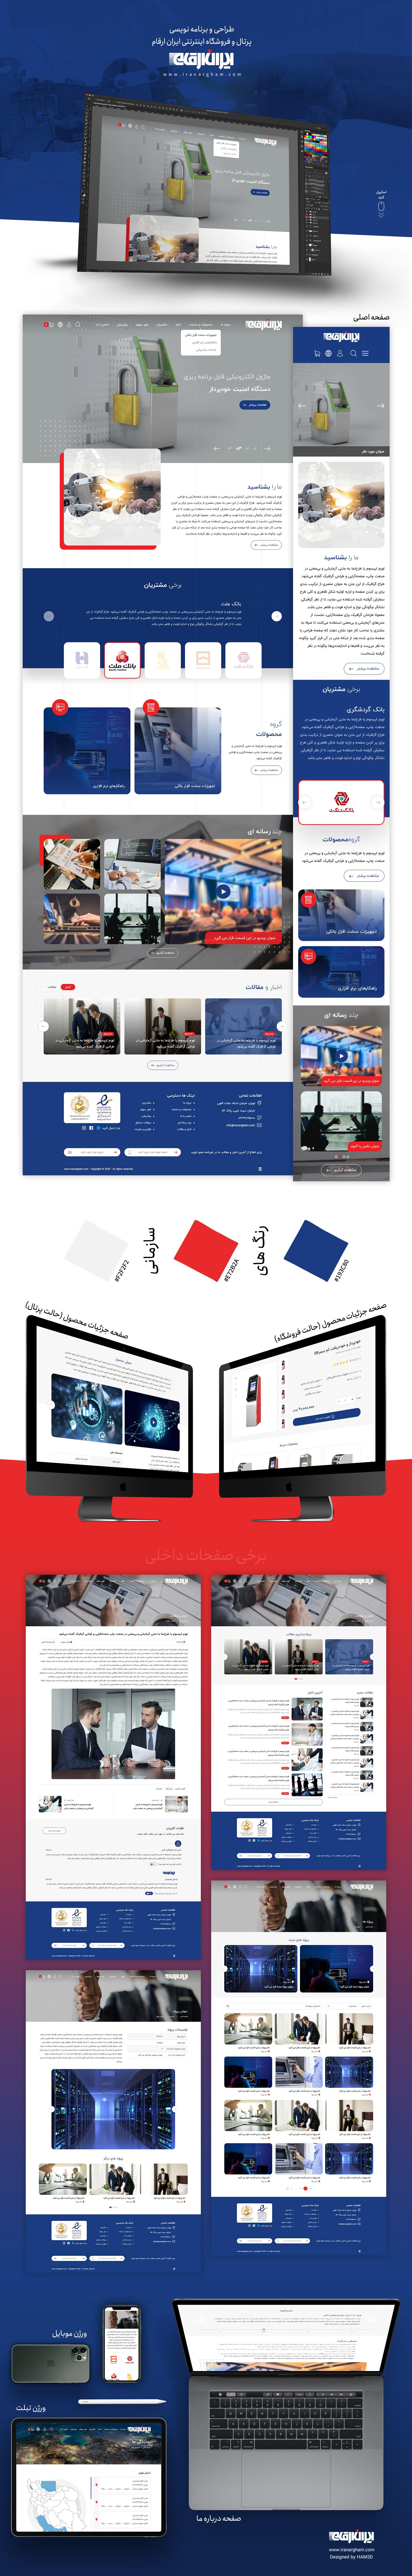 پرتال و فروشگاه اینترنتی شرکت ایران ارقام